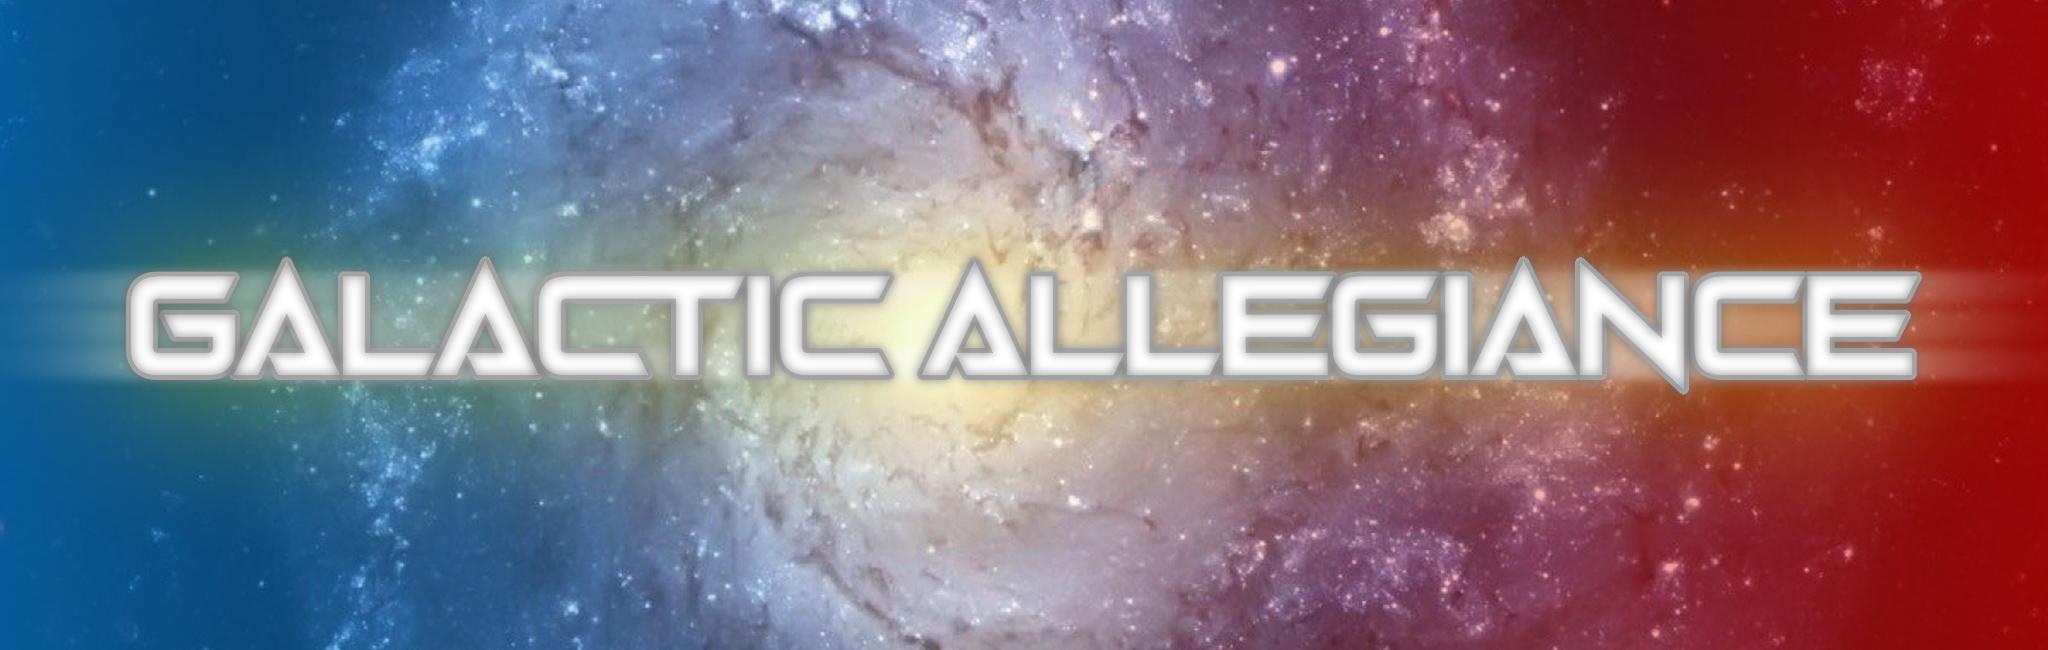 Galactic Allegiance Logo